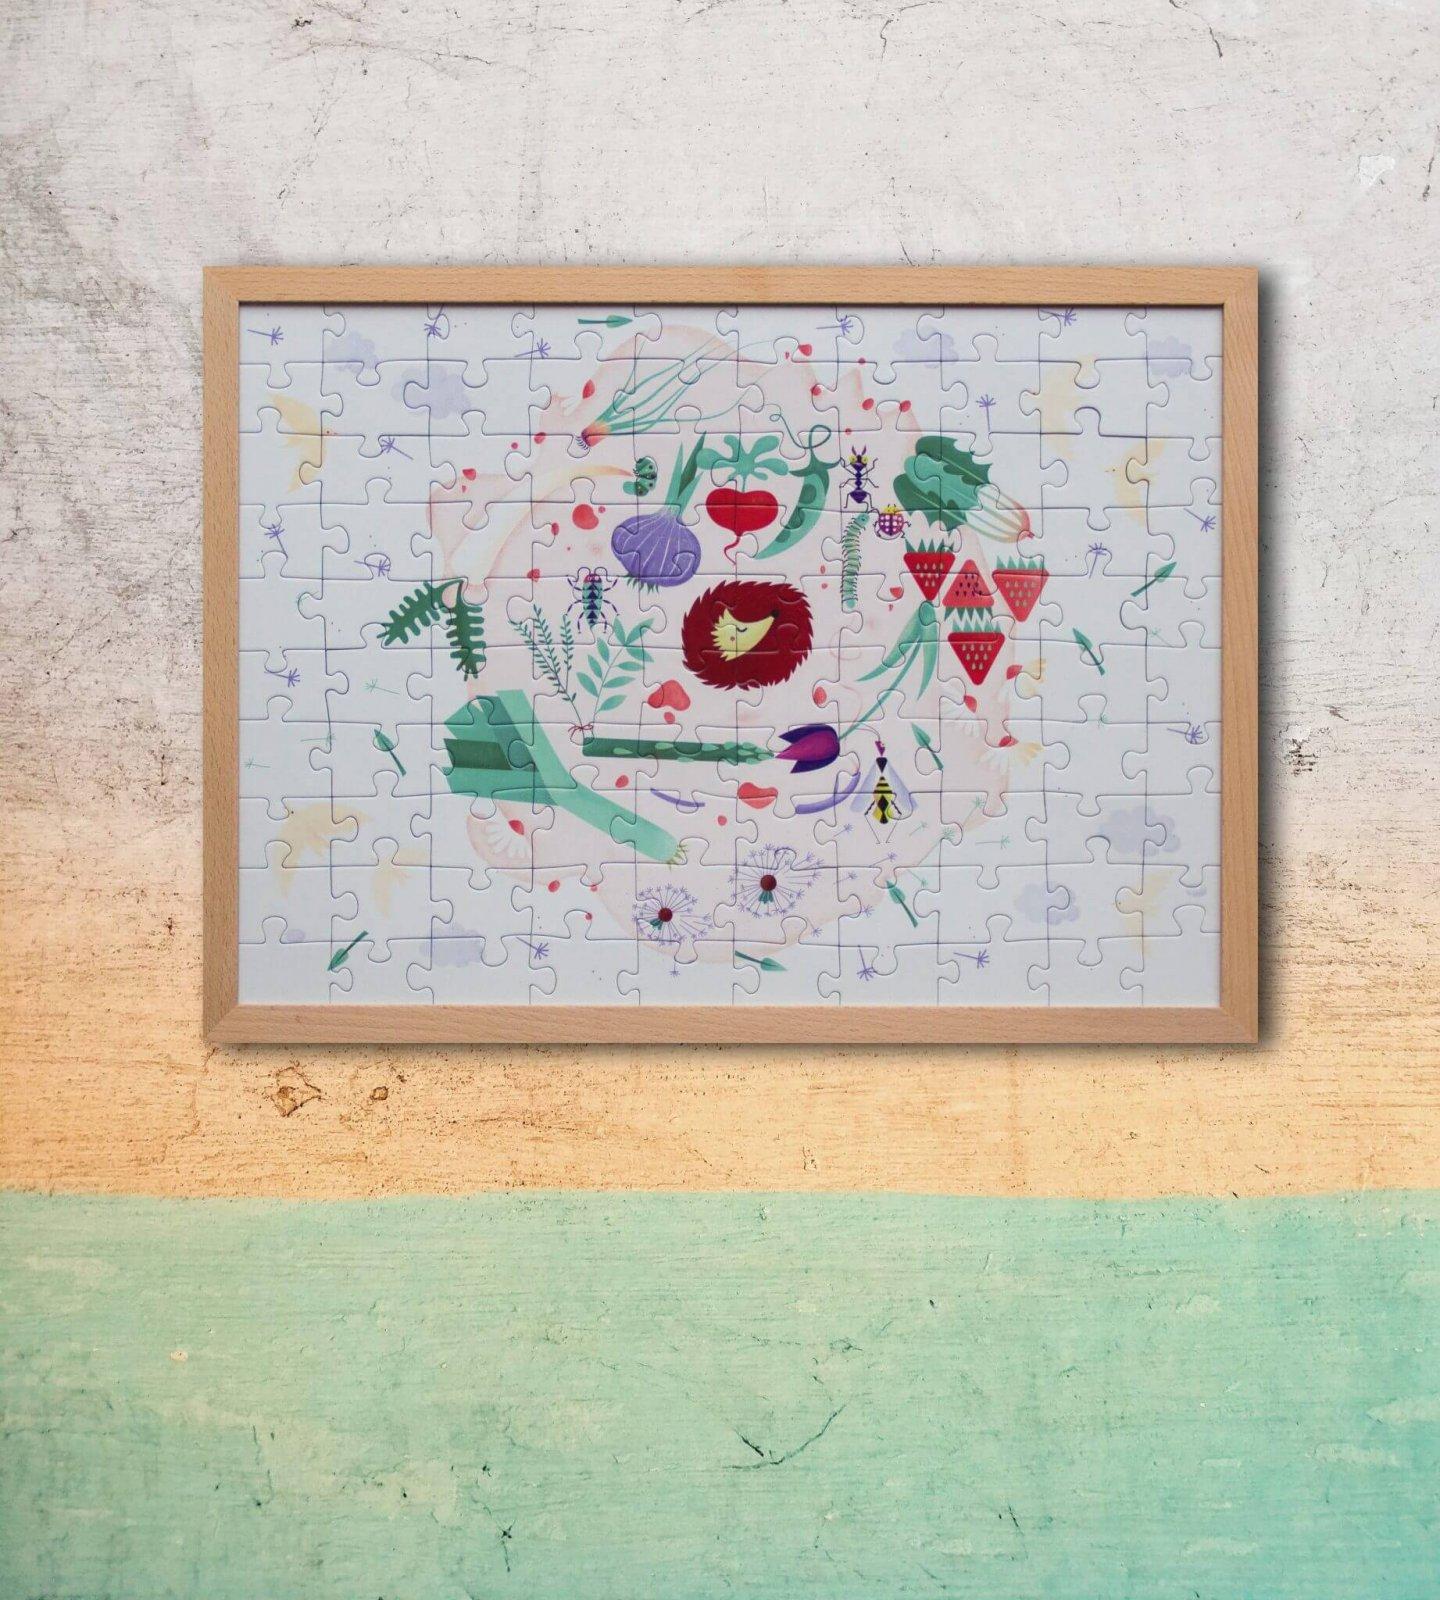 Ilustrované puzzle v ráme od Zuzany Bartovej